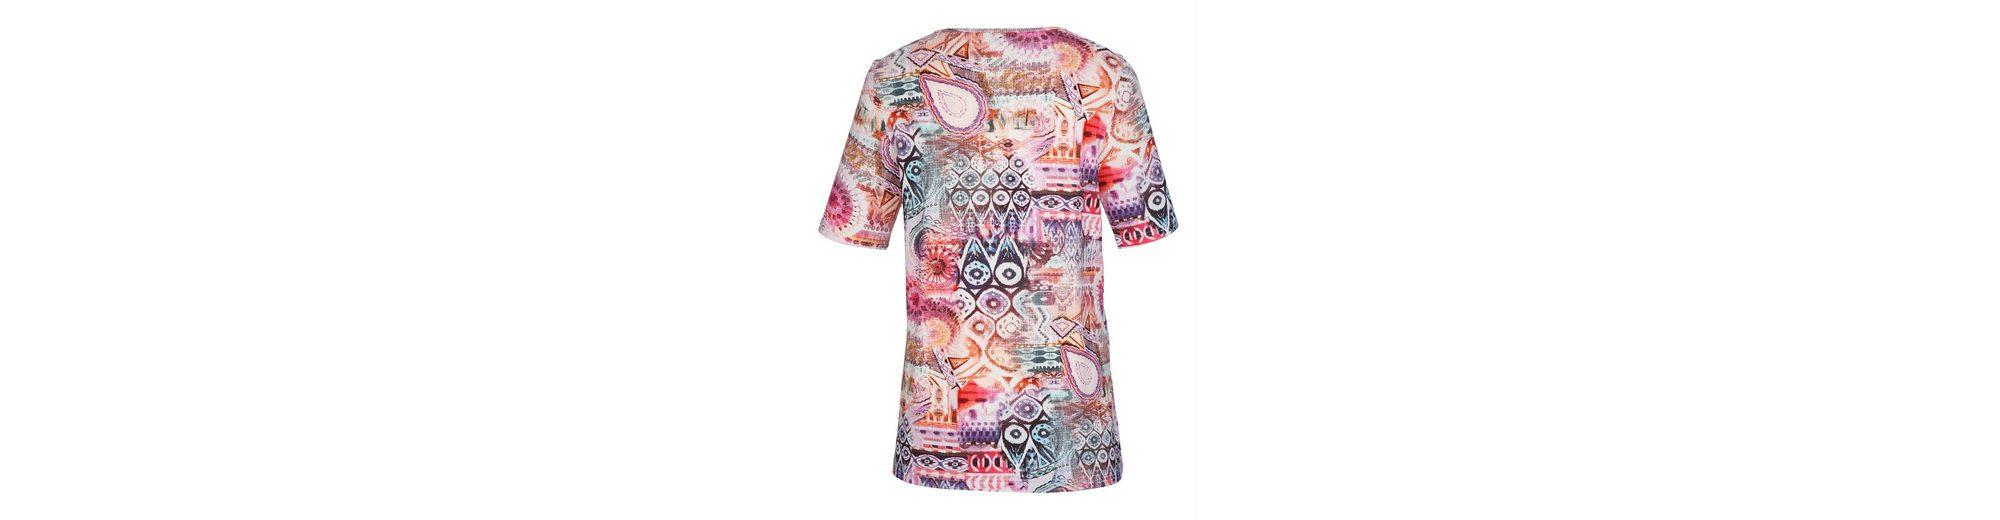 Auslass Ausgezeichnet MIAMODA Shirt mit farbenfrohem Druckmuster Amazon Online idcFGr